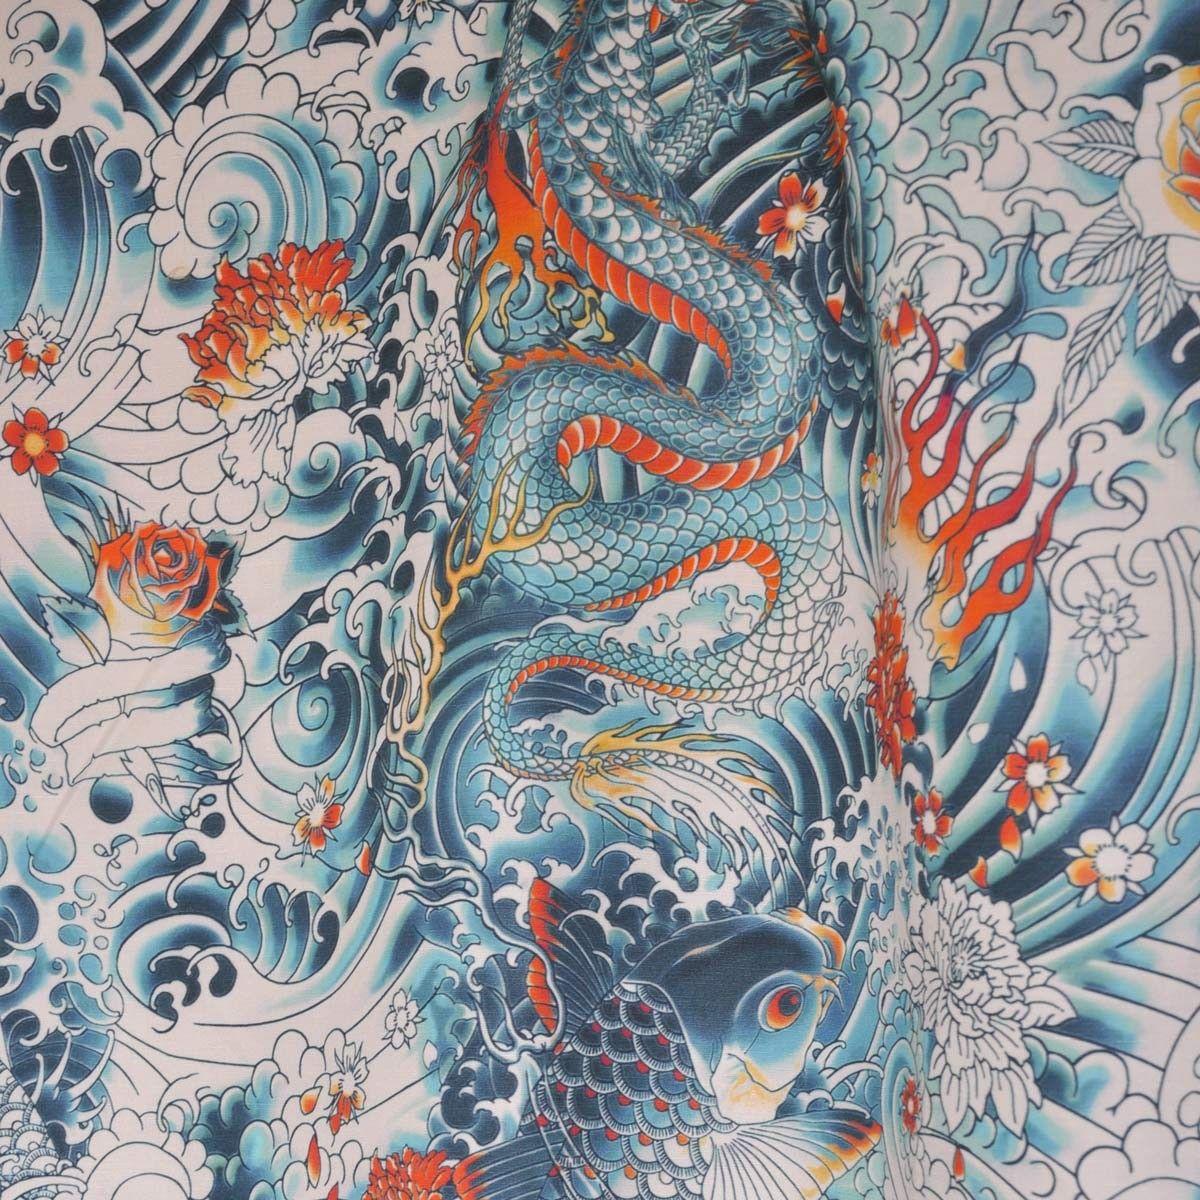 Tissu Jean Paul Gaultier tissu rock - jean paul gaultier in 2020 | jean paul gaultier